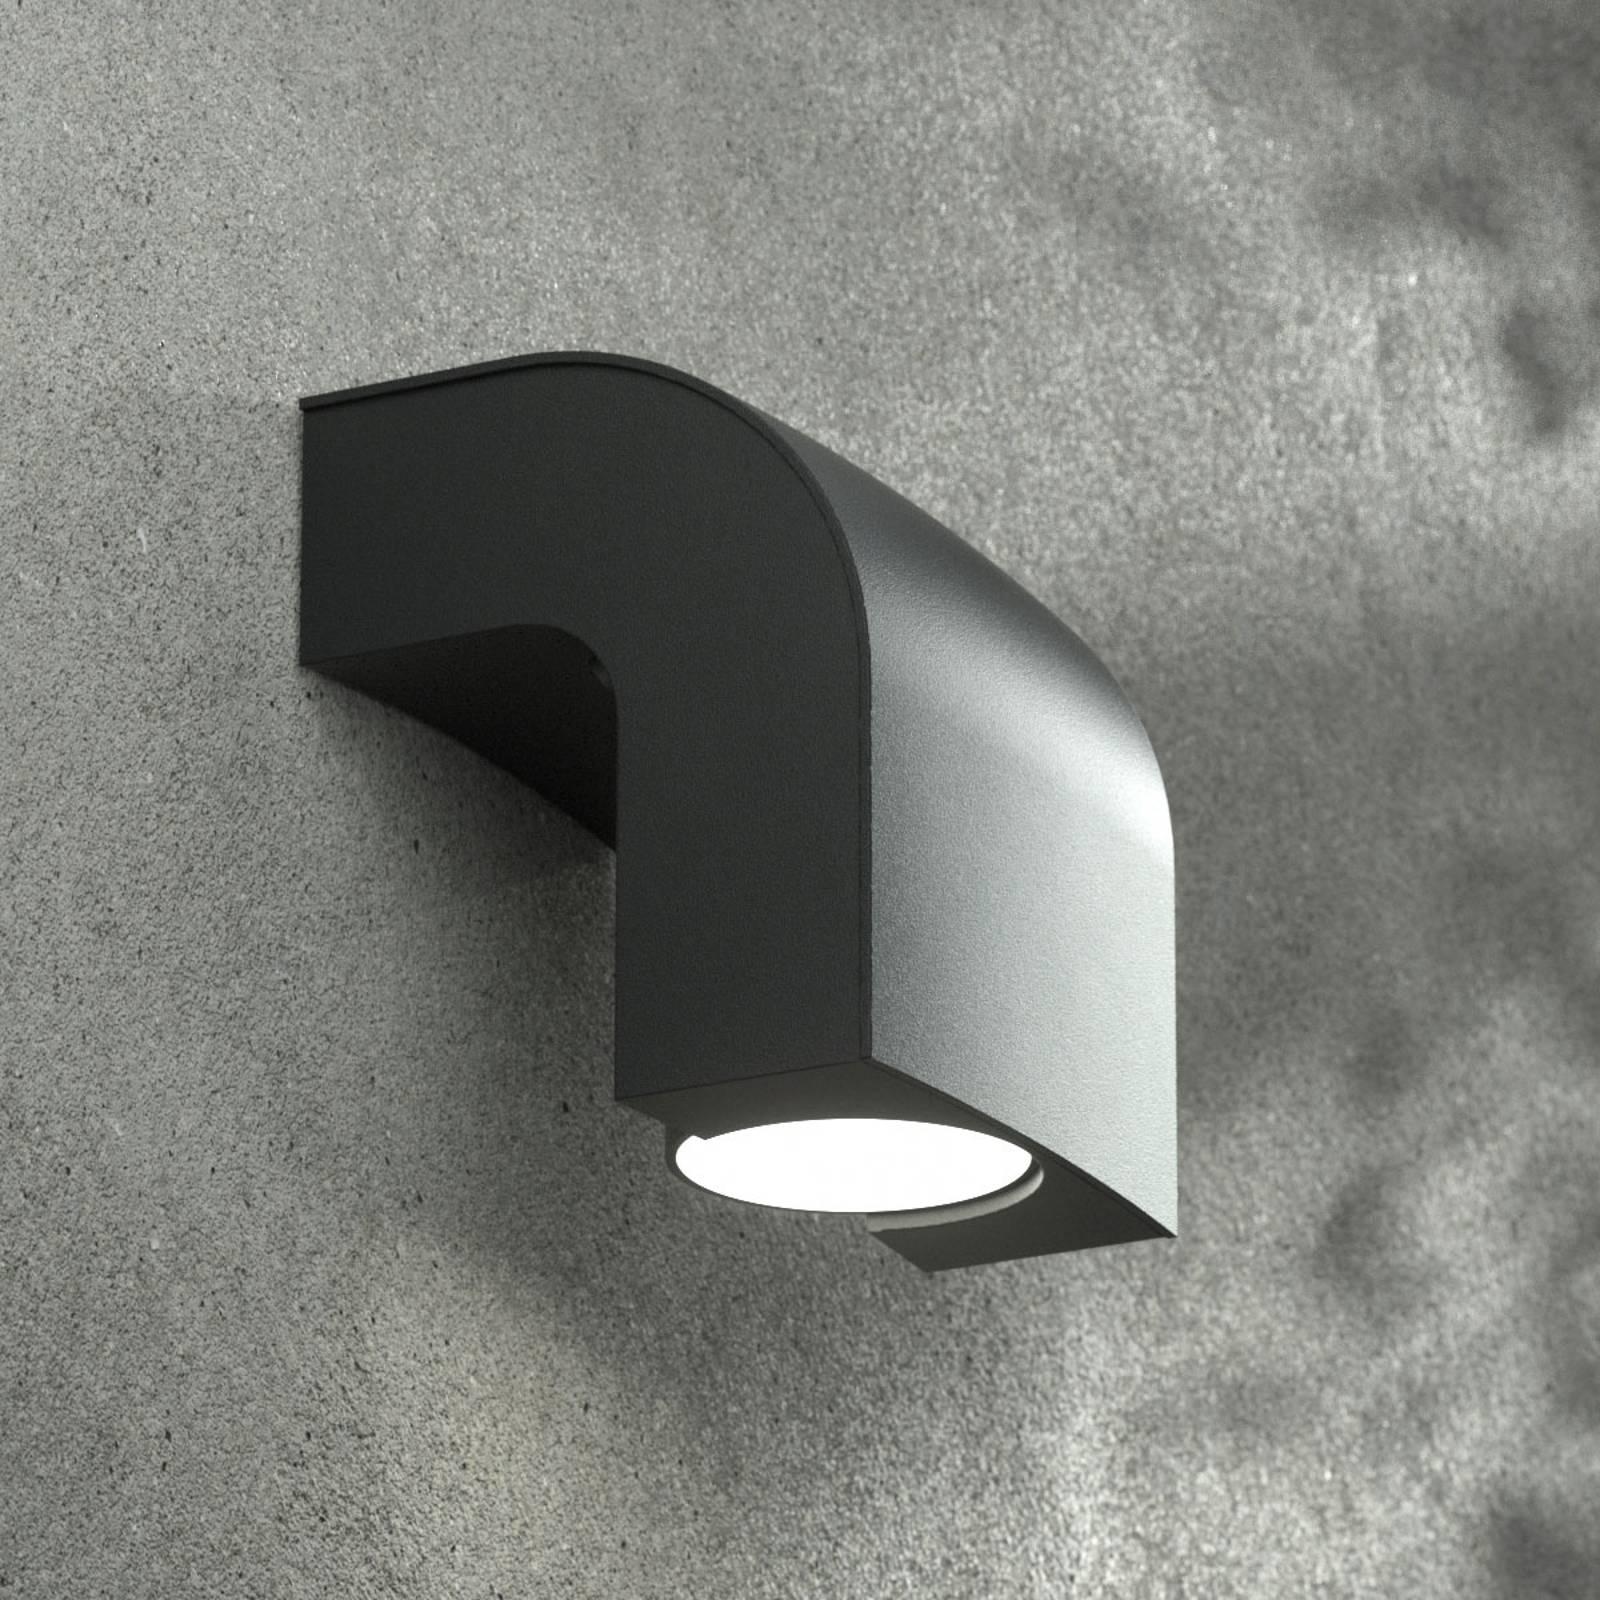 Ulkoseinälamppu KLAMP, korkeus 13 cm, 1-lamppuinen